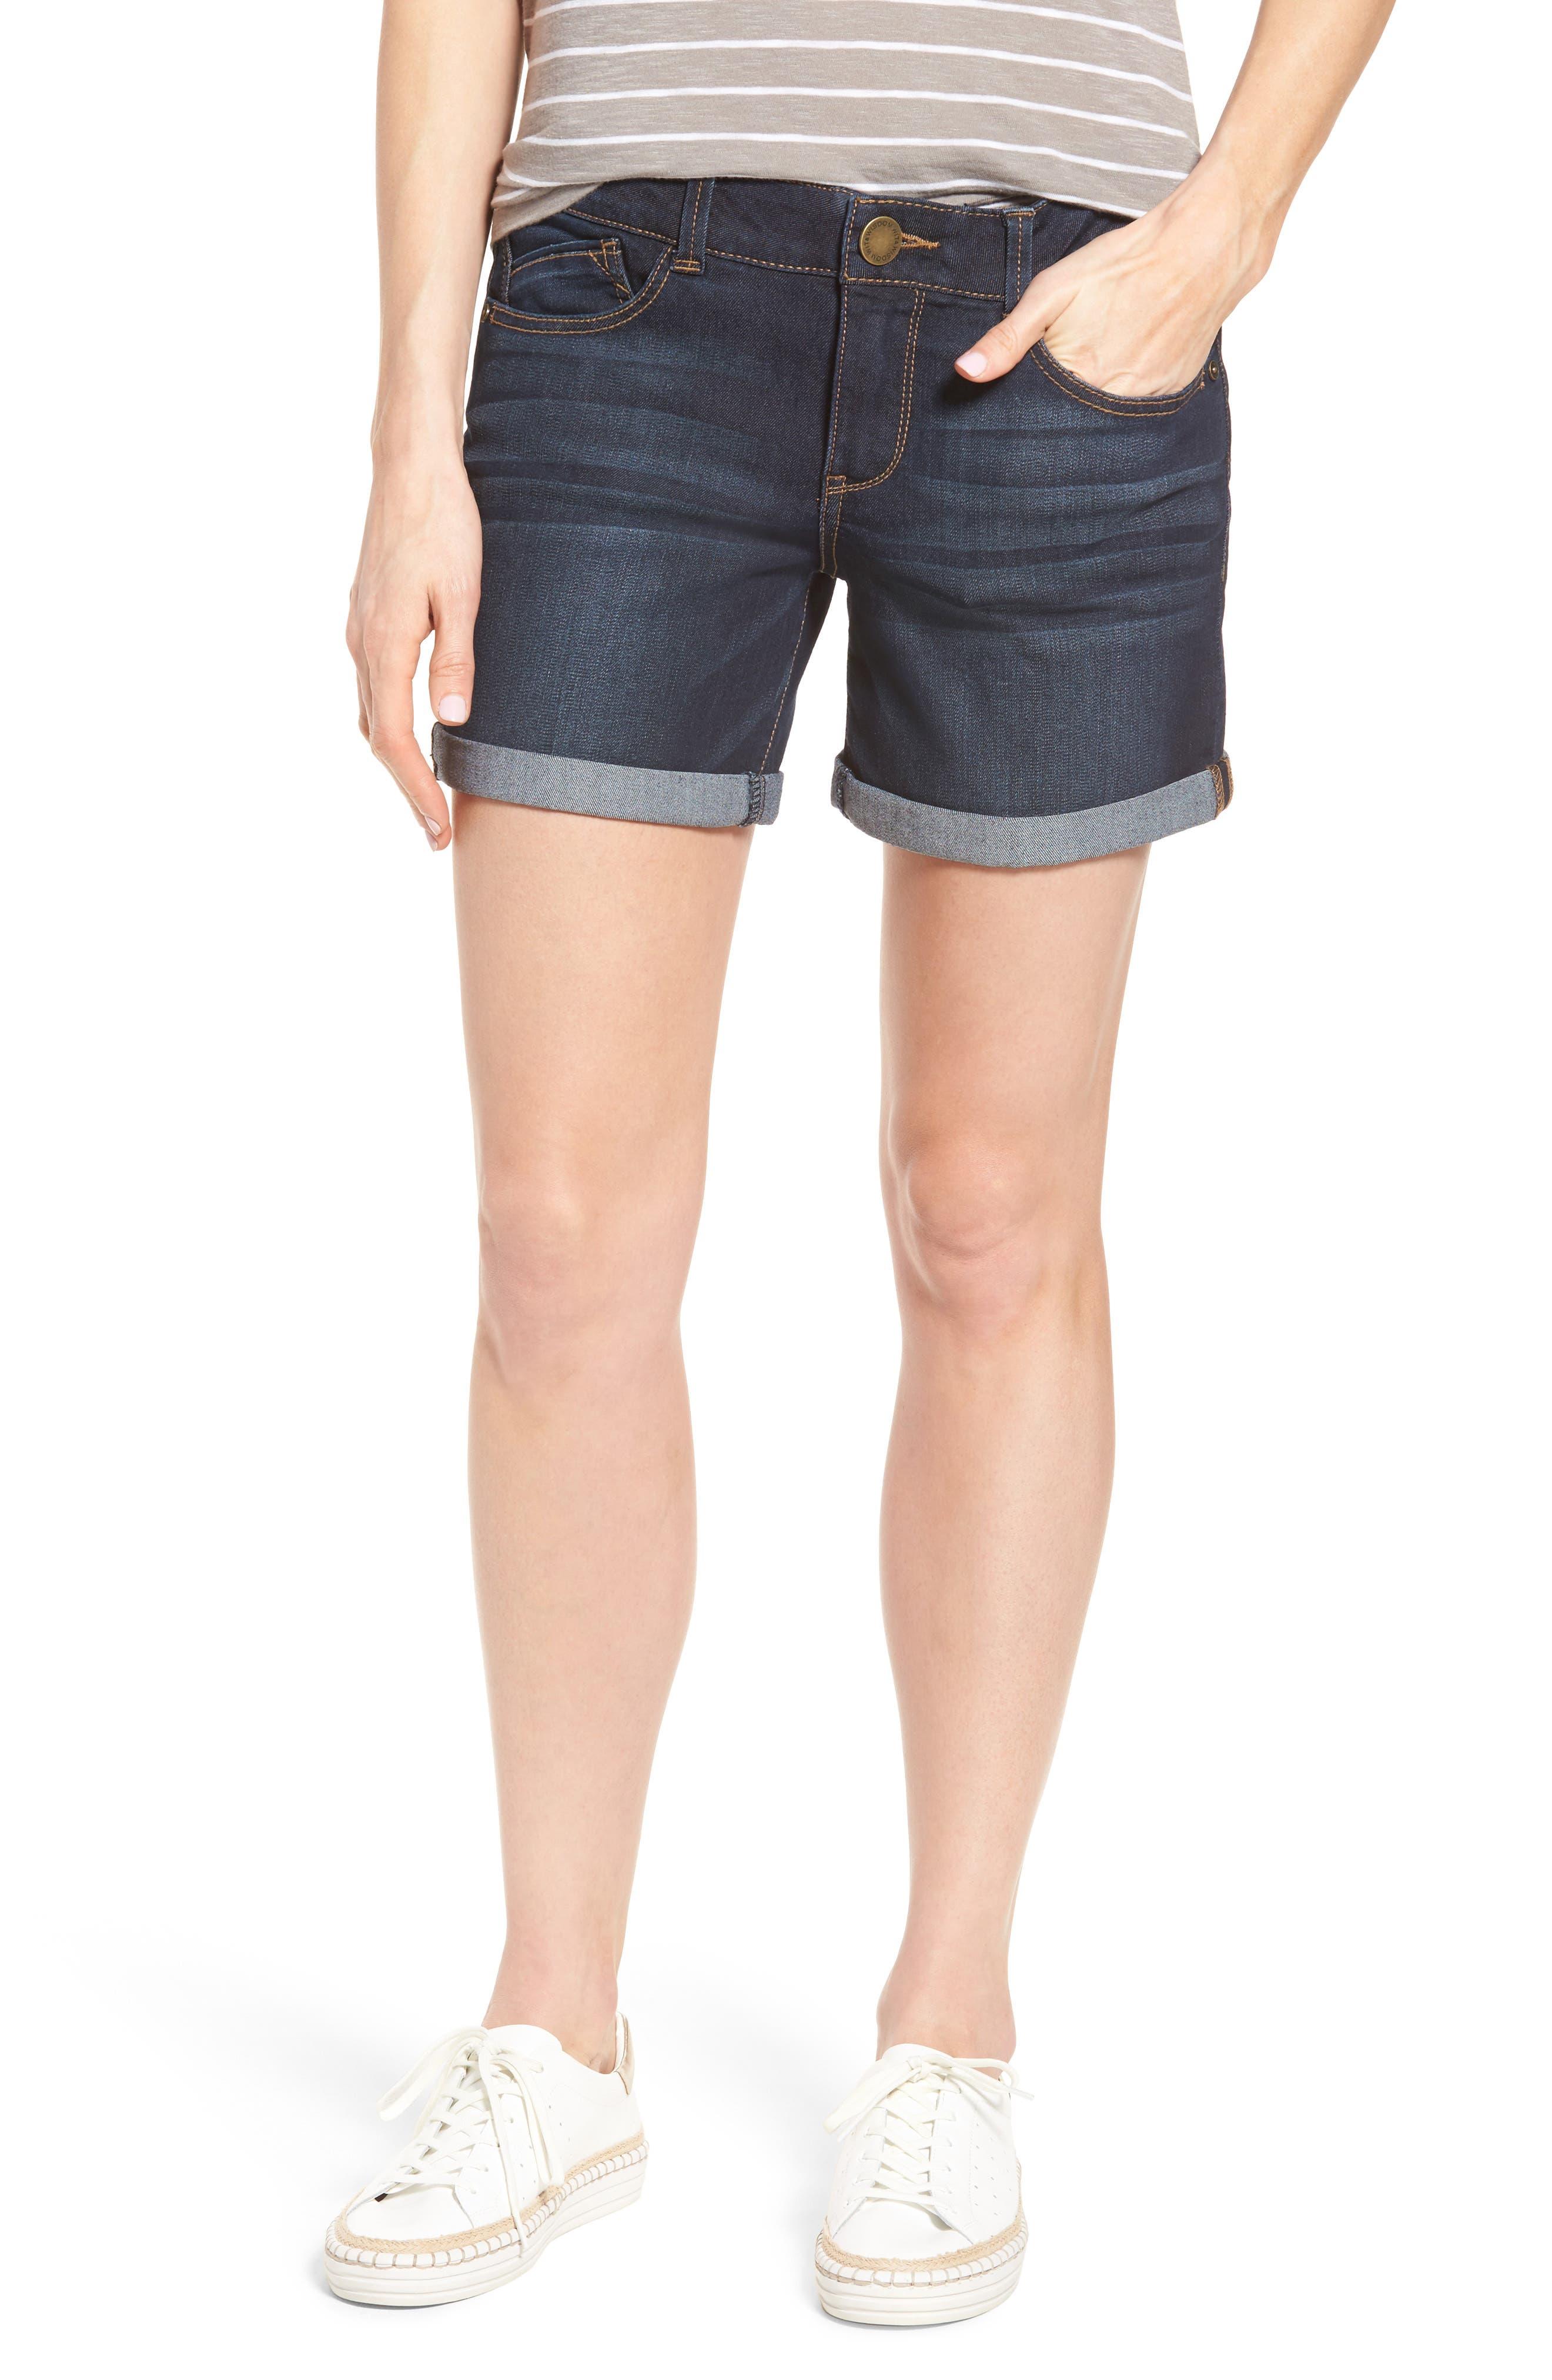 Ab-solution Cuffed Denim Shorts,                         Main,                         color, Indigo